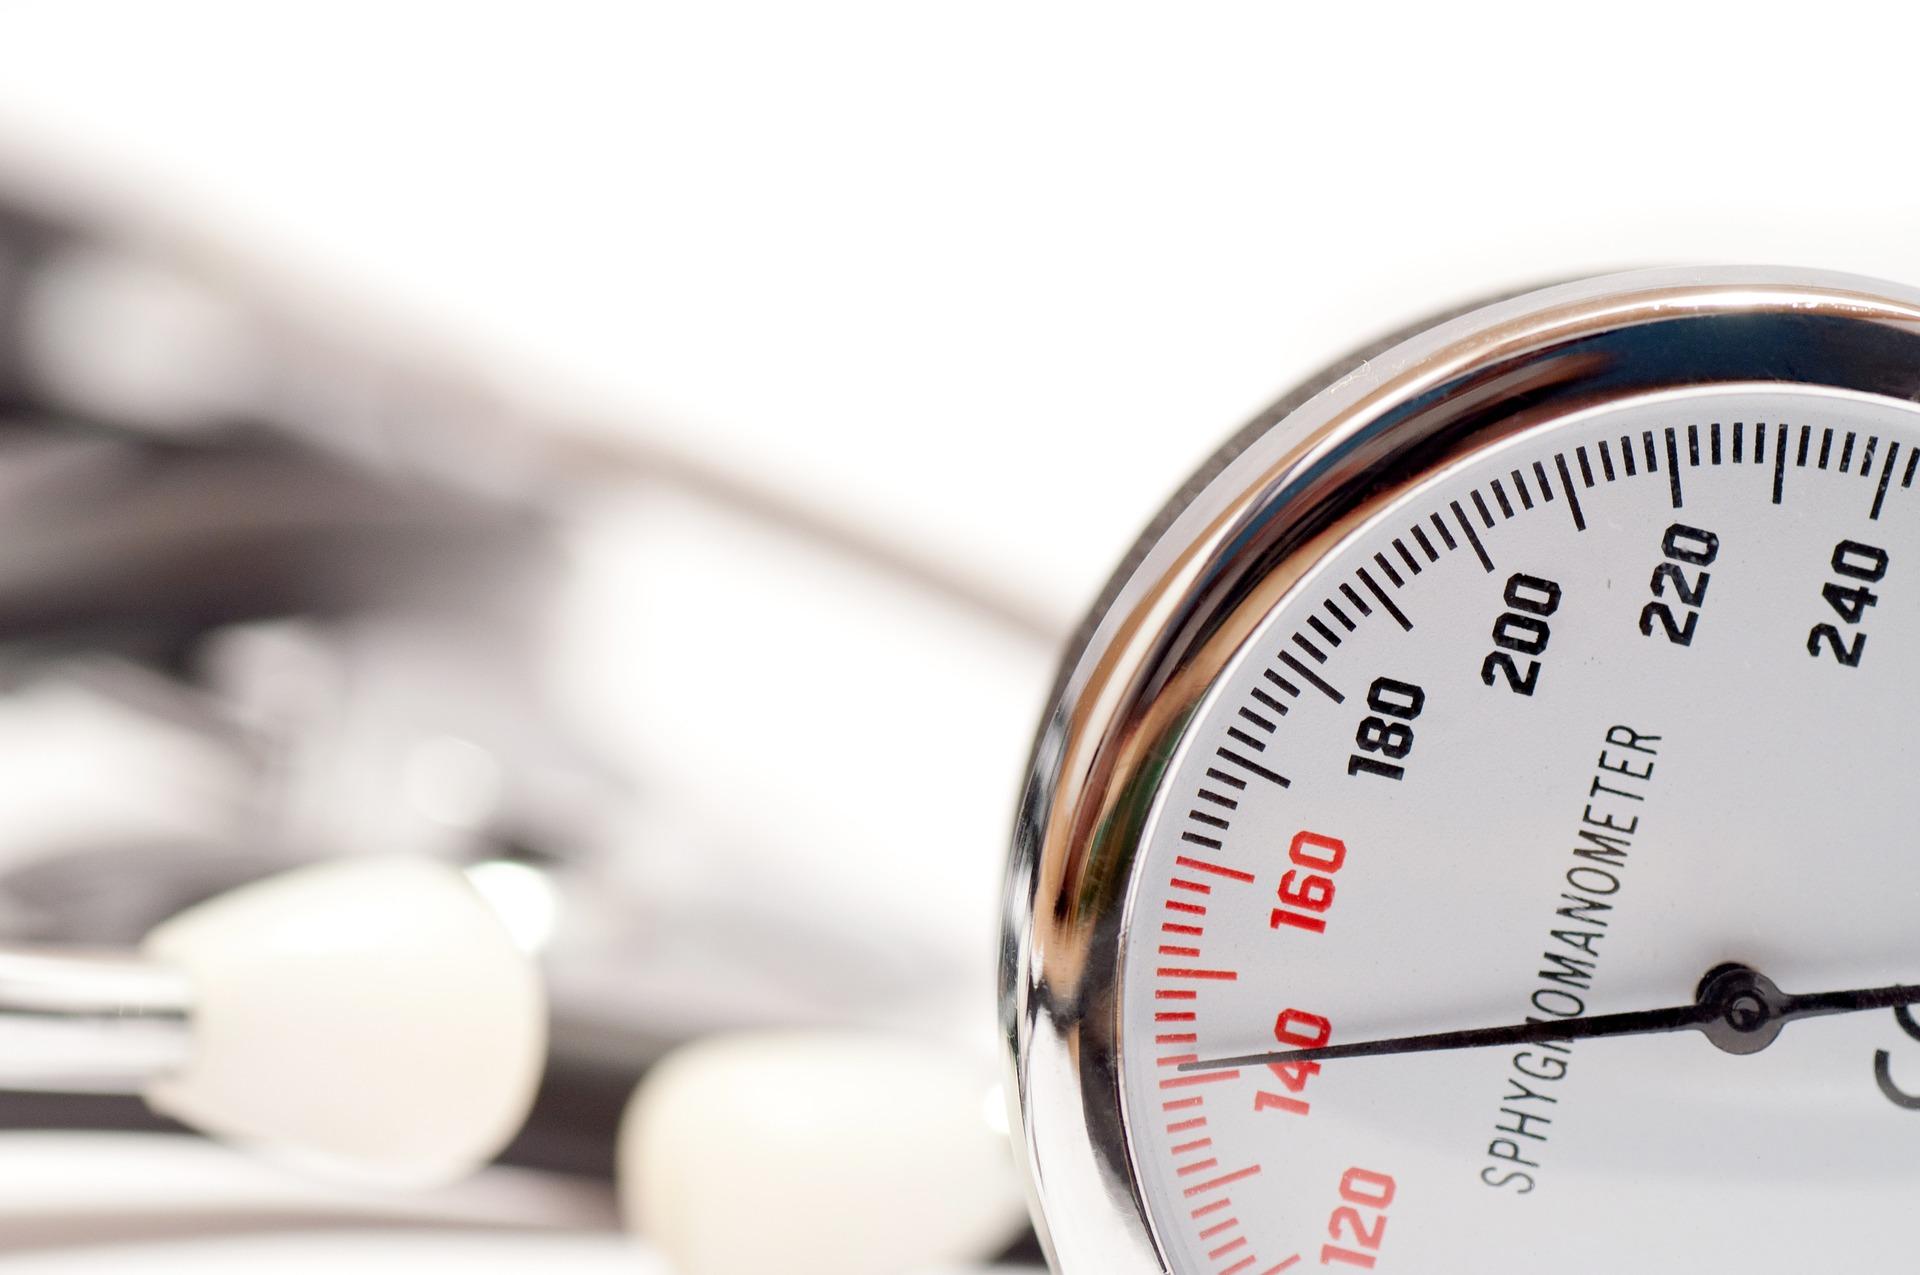 blood-pressure-2310824_1920.jpg